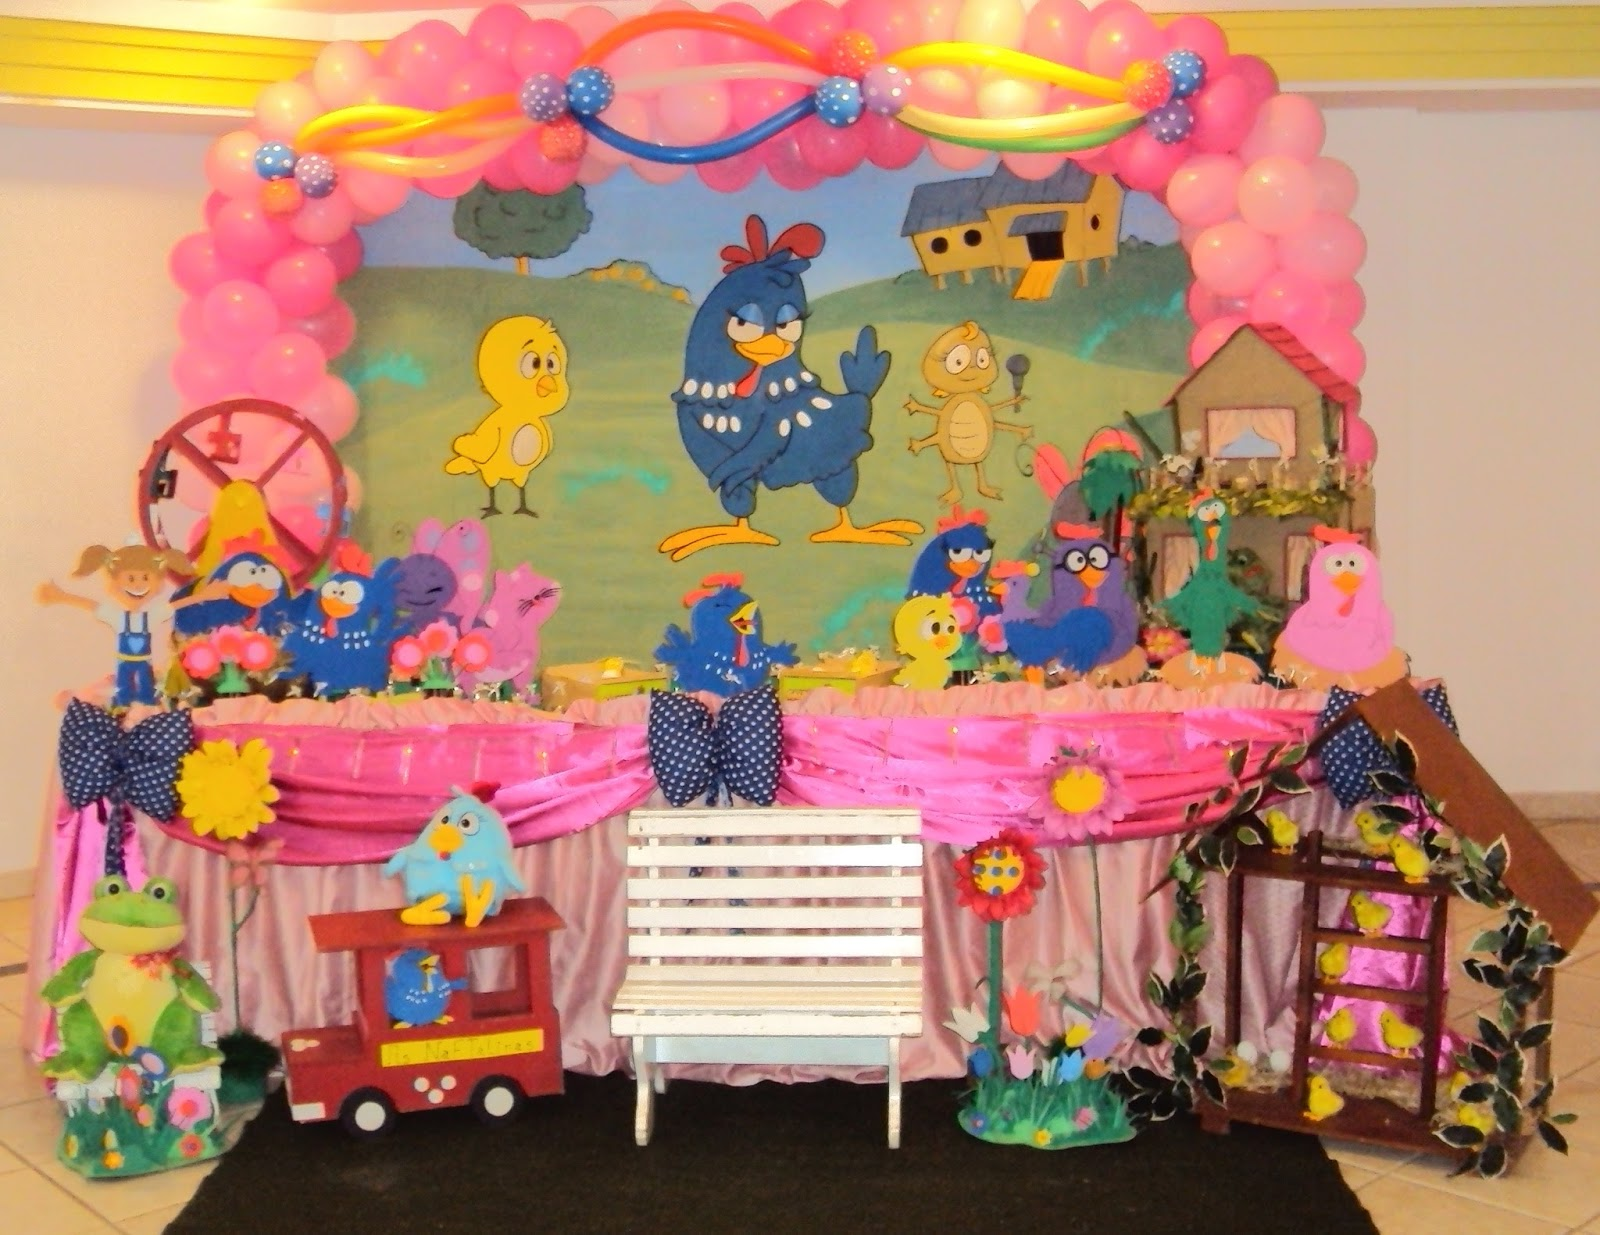 decoracao festa galinha pintadinha rosa:Sirlei Festas infantil-Rua:Oreade 174 Moreninha III Tel:(67)3393-2873